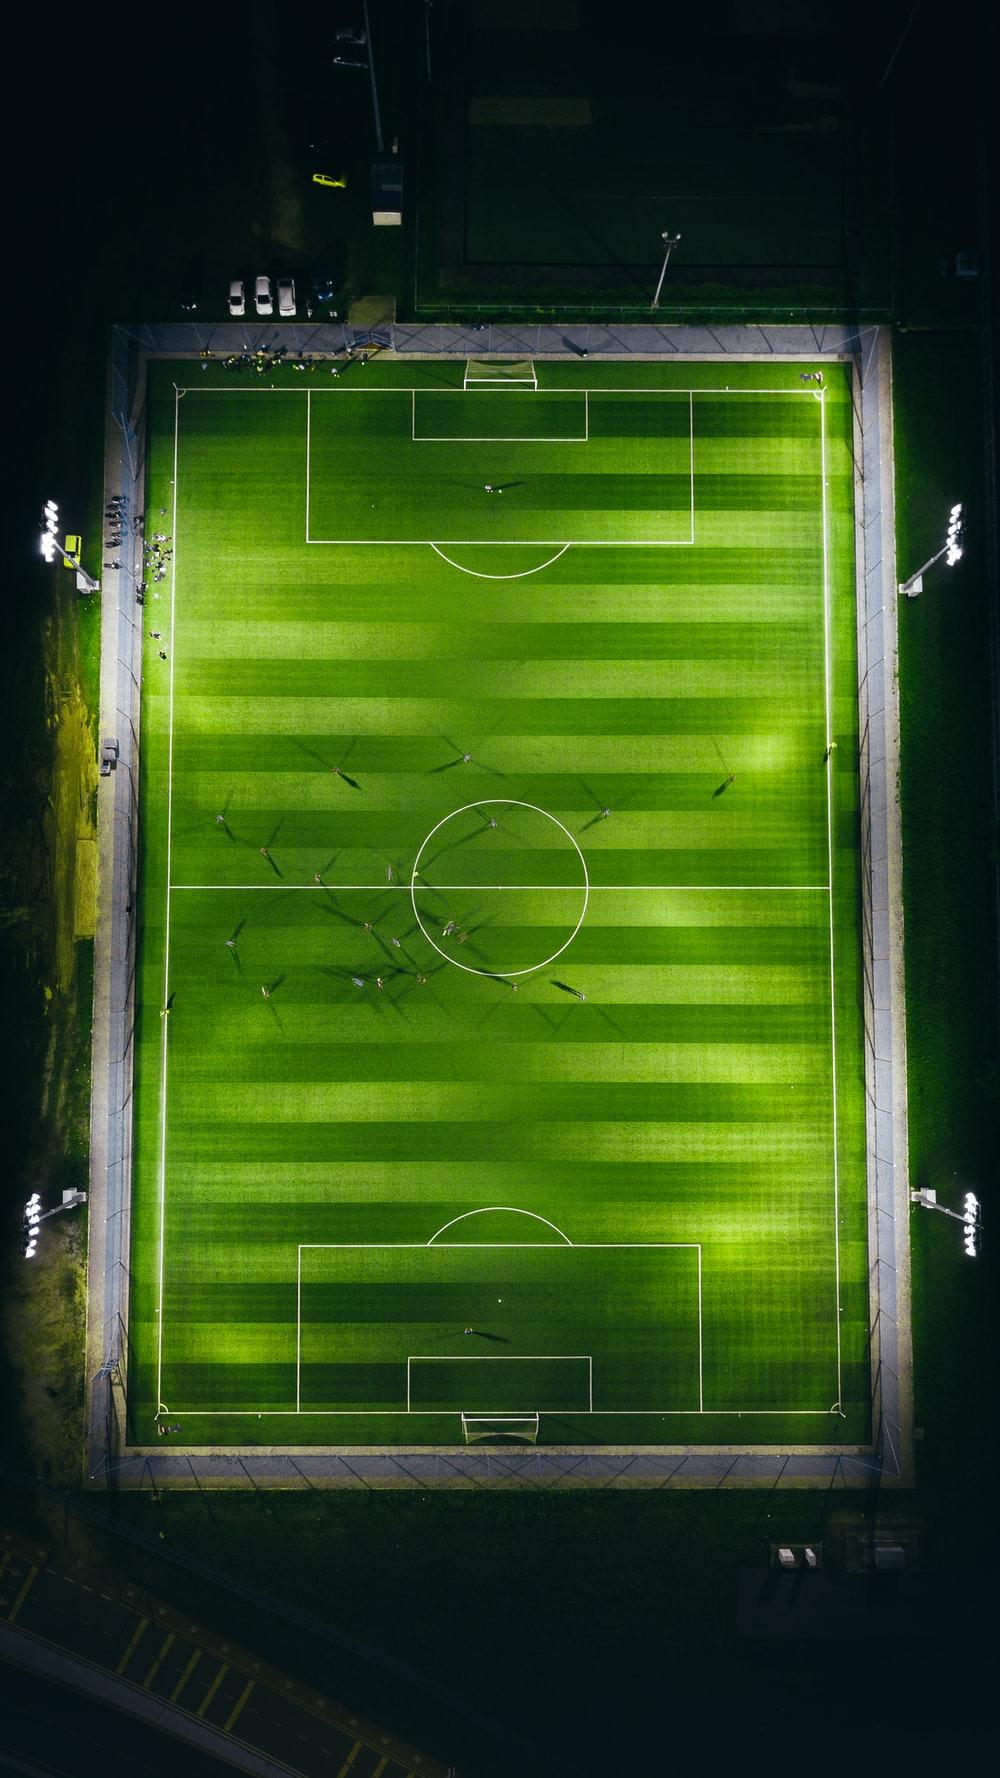 Soccer Wallpapers HD Download [500 HQ] Unsplash 1000x1778